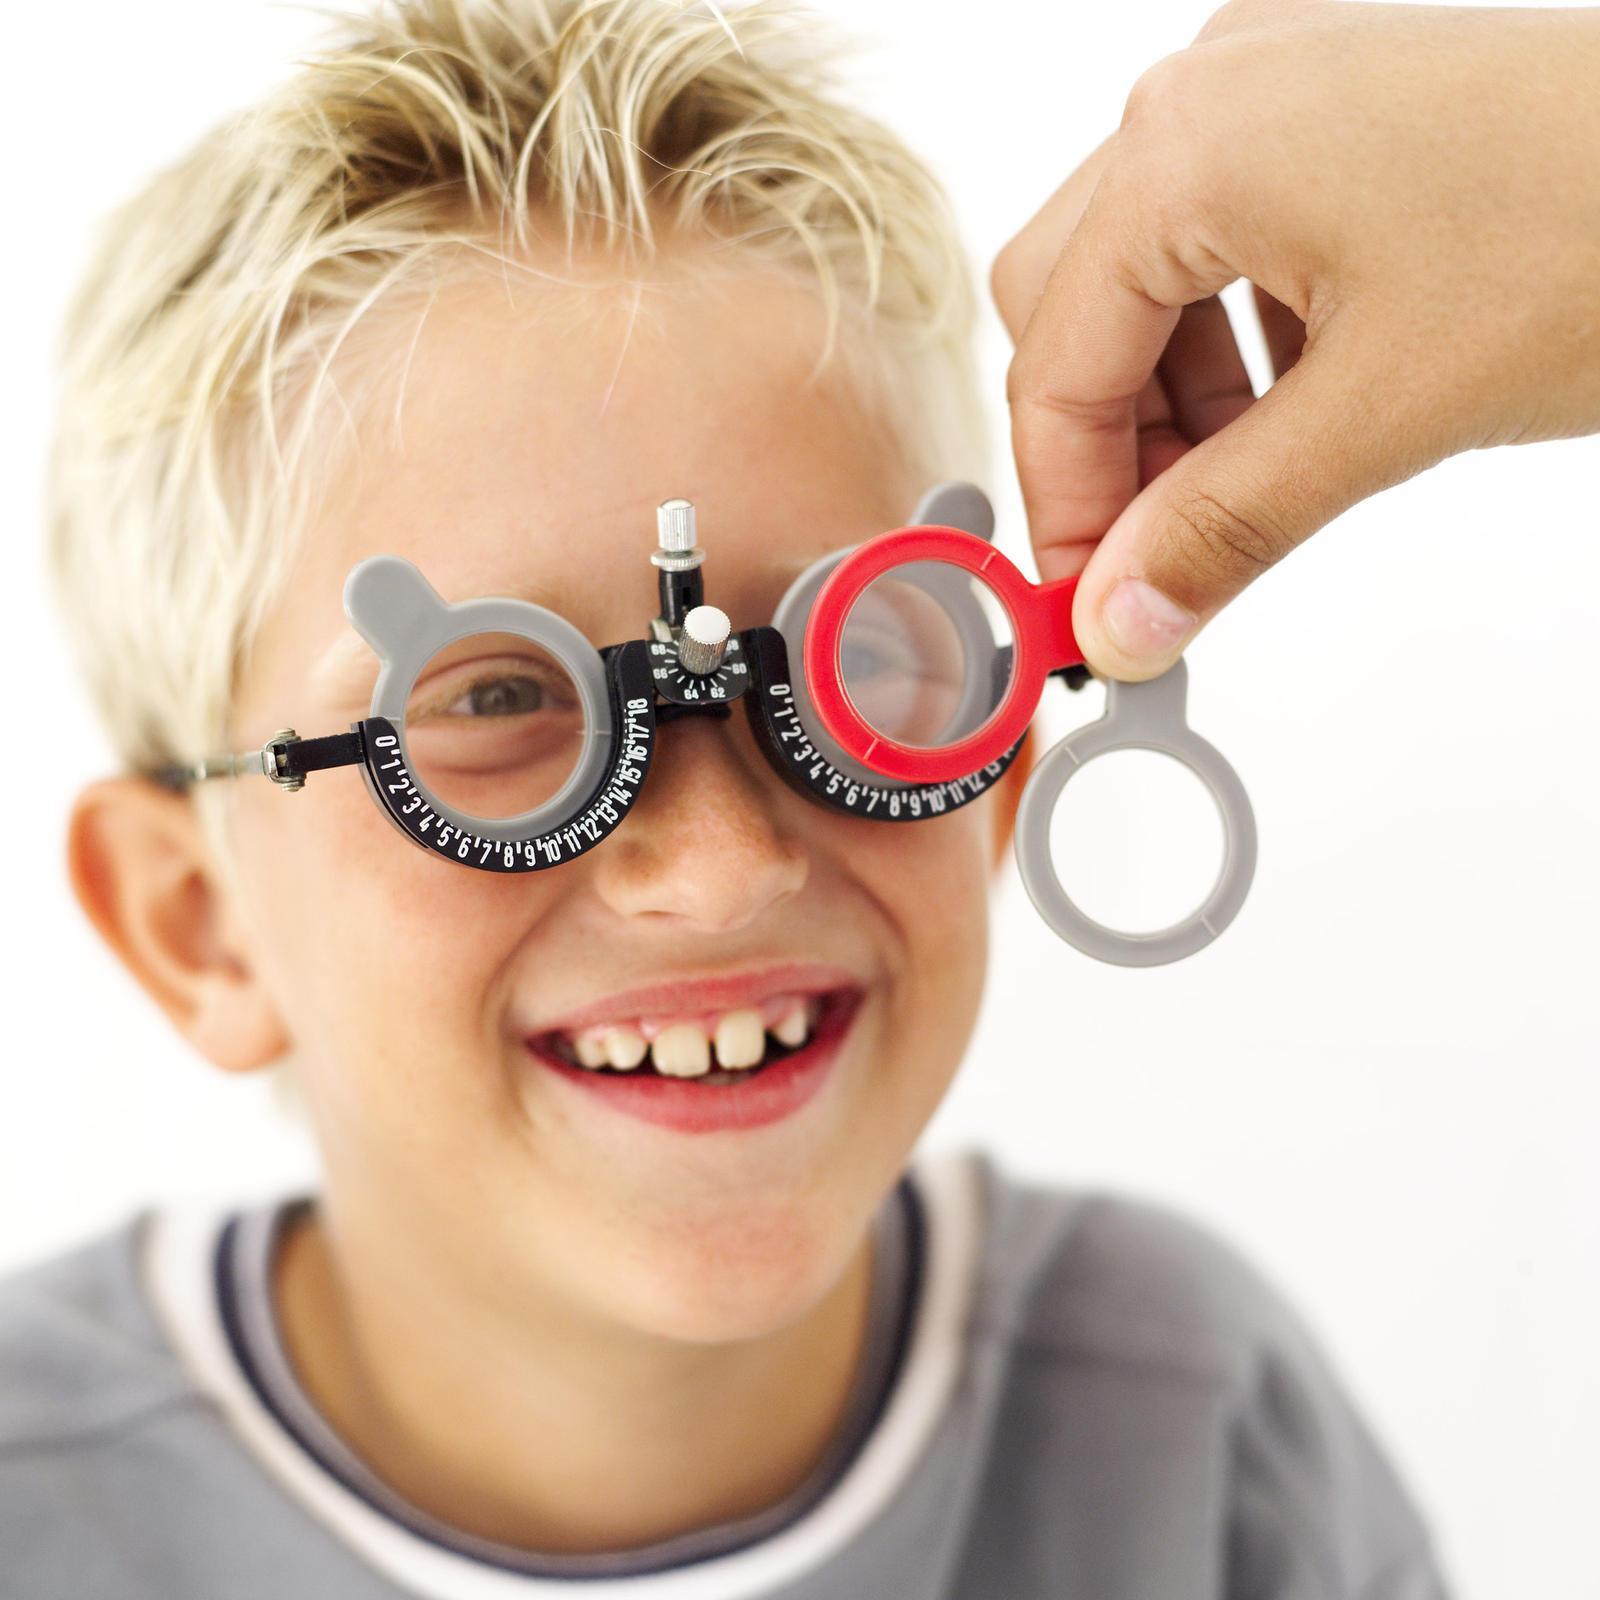 Аномалии рефракции глаза – диагностика, лечение, последствия